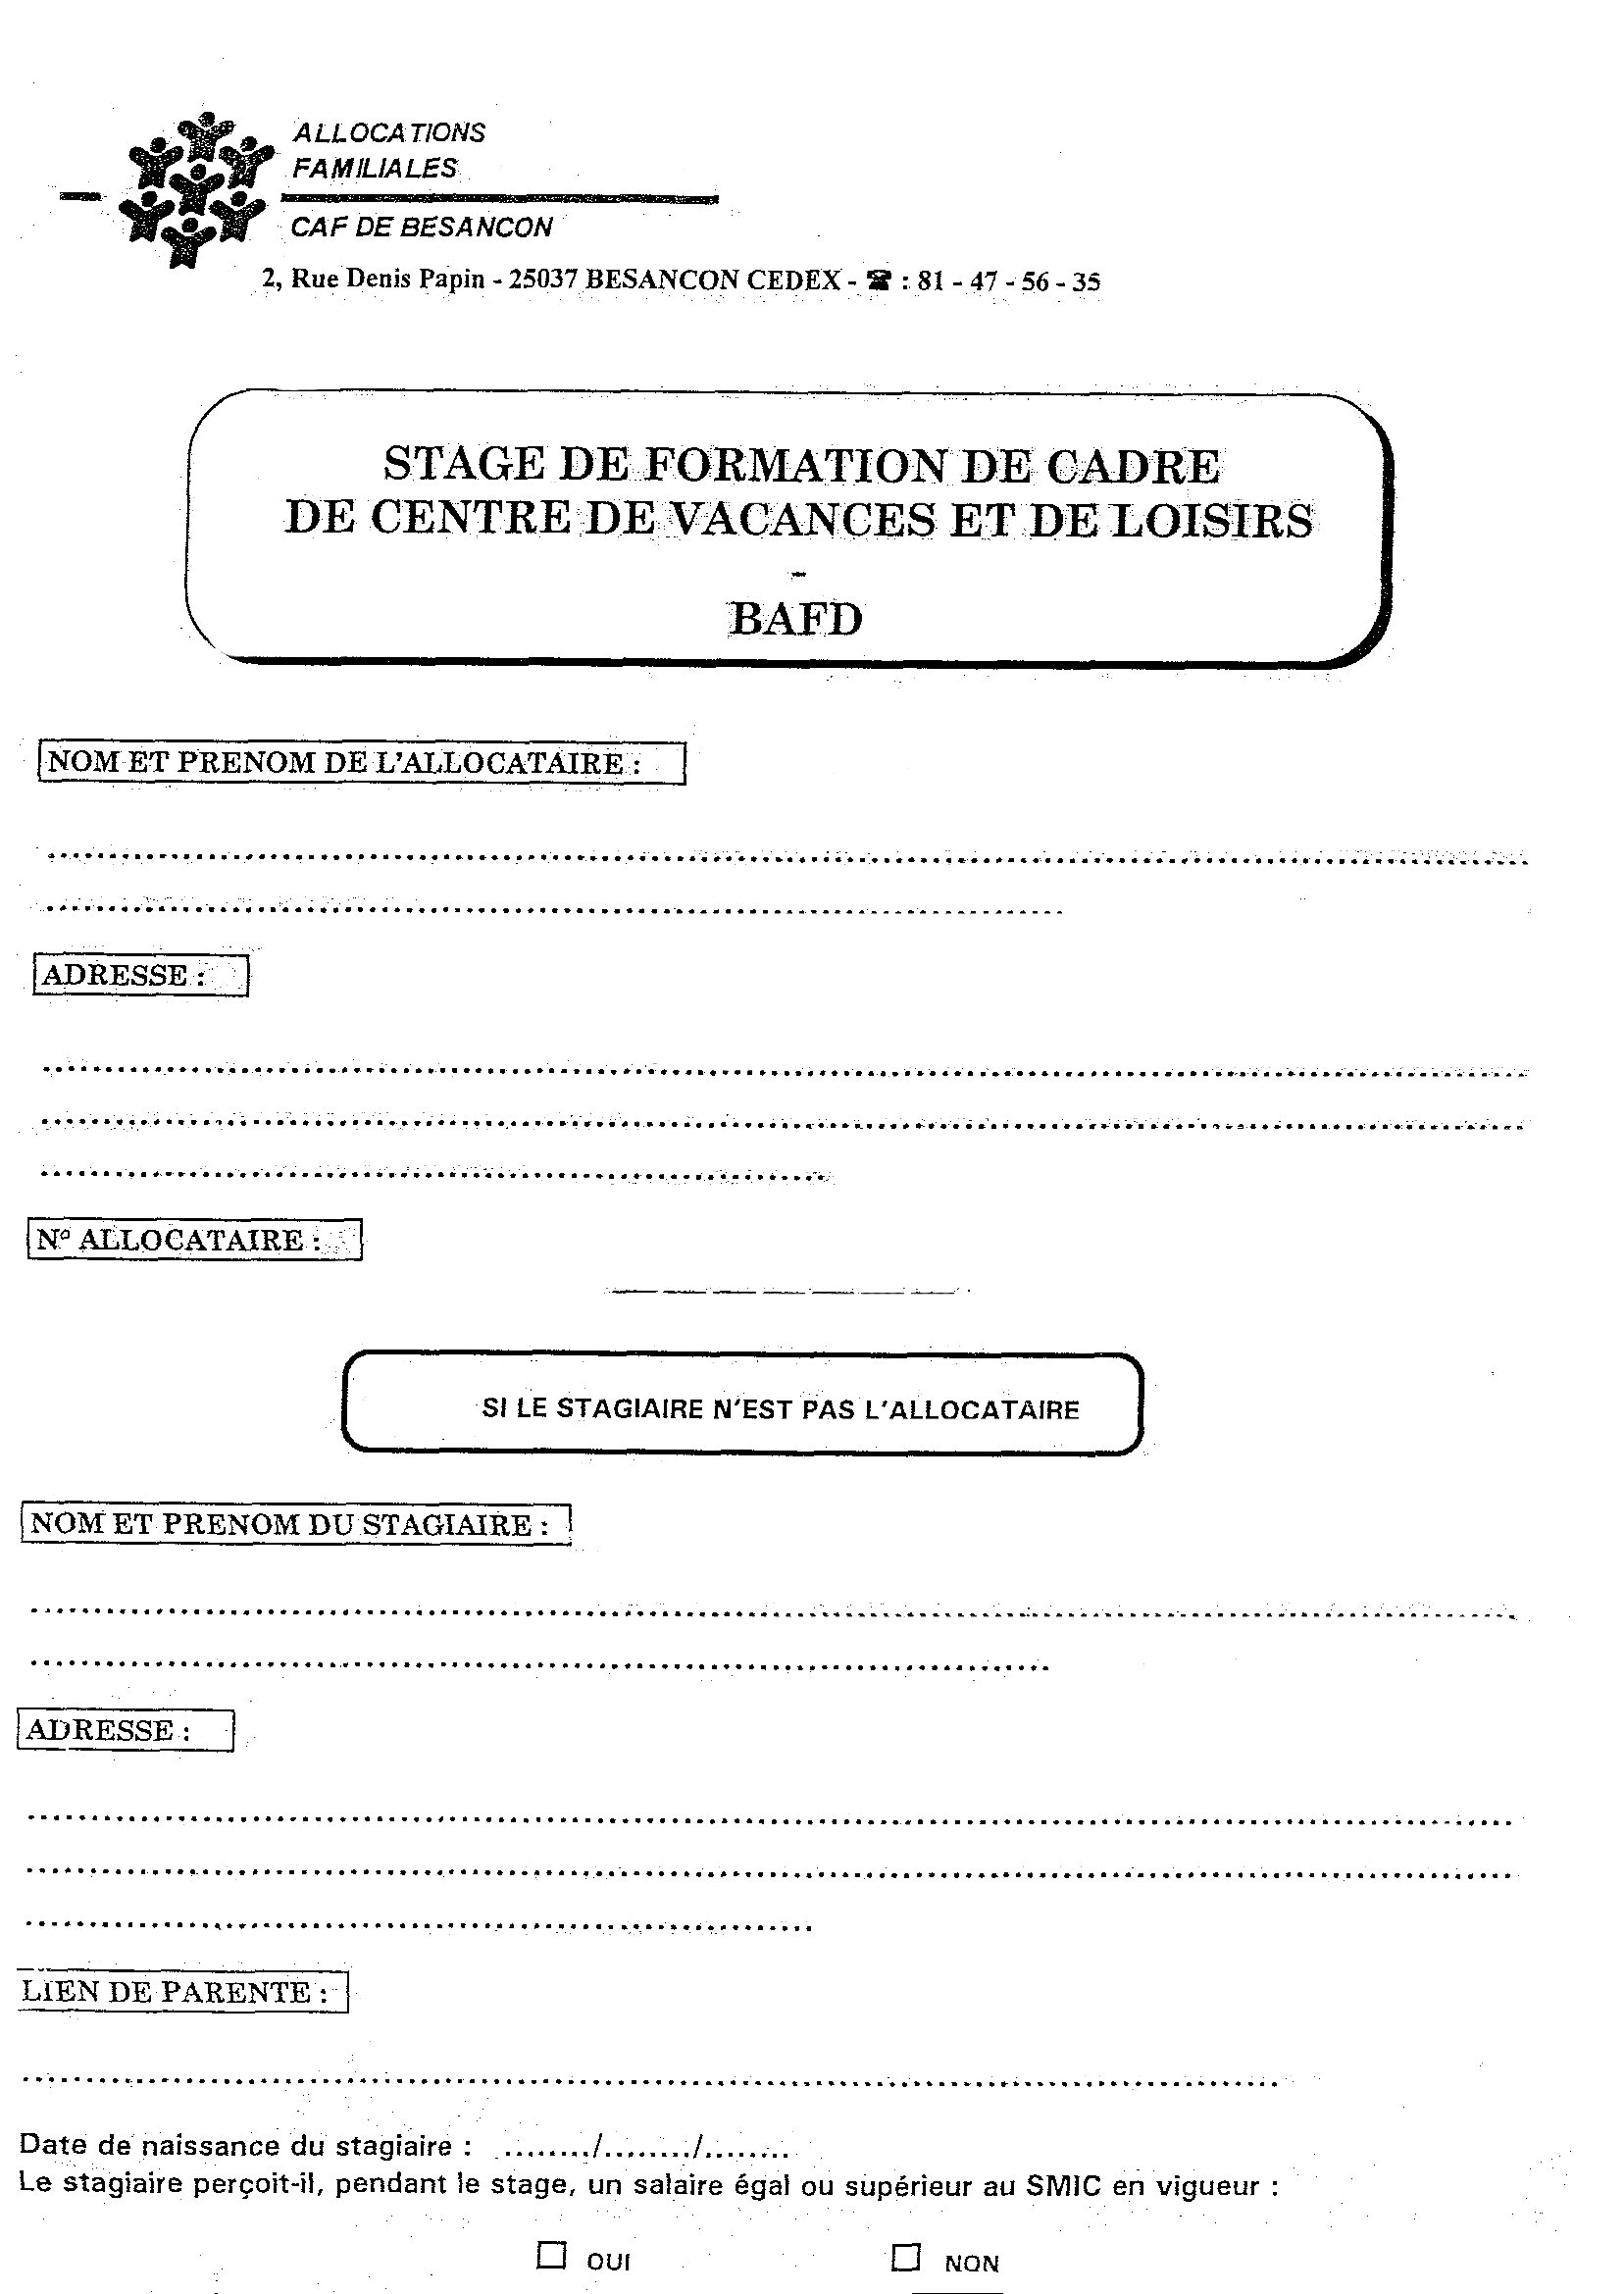 Aide Caf Bafa